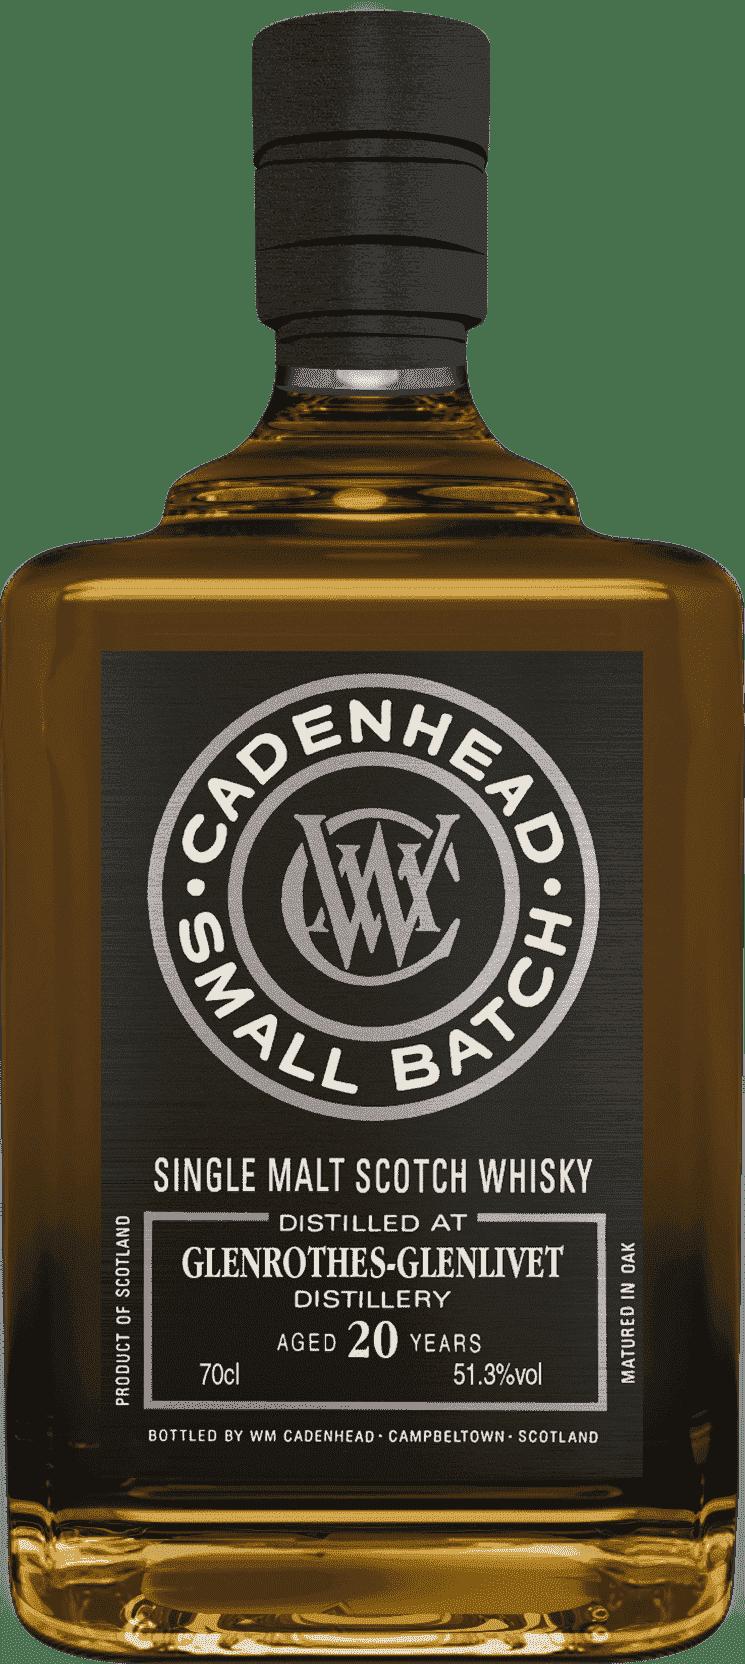 A Bottle of Glenrothes-Glenlivet